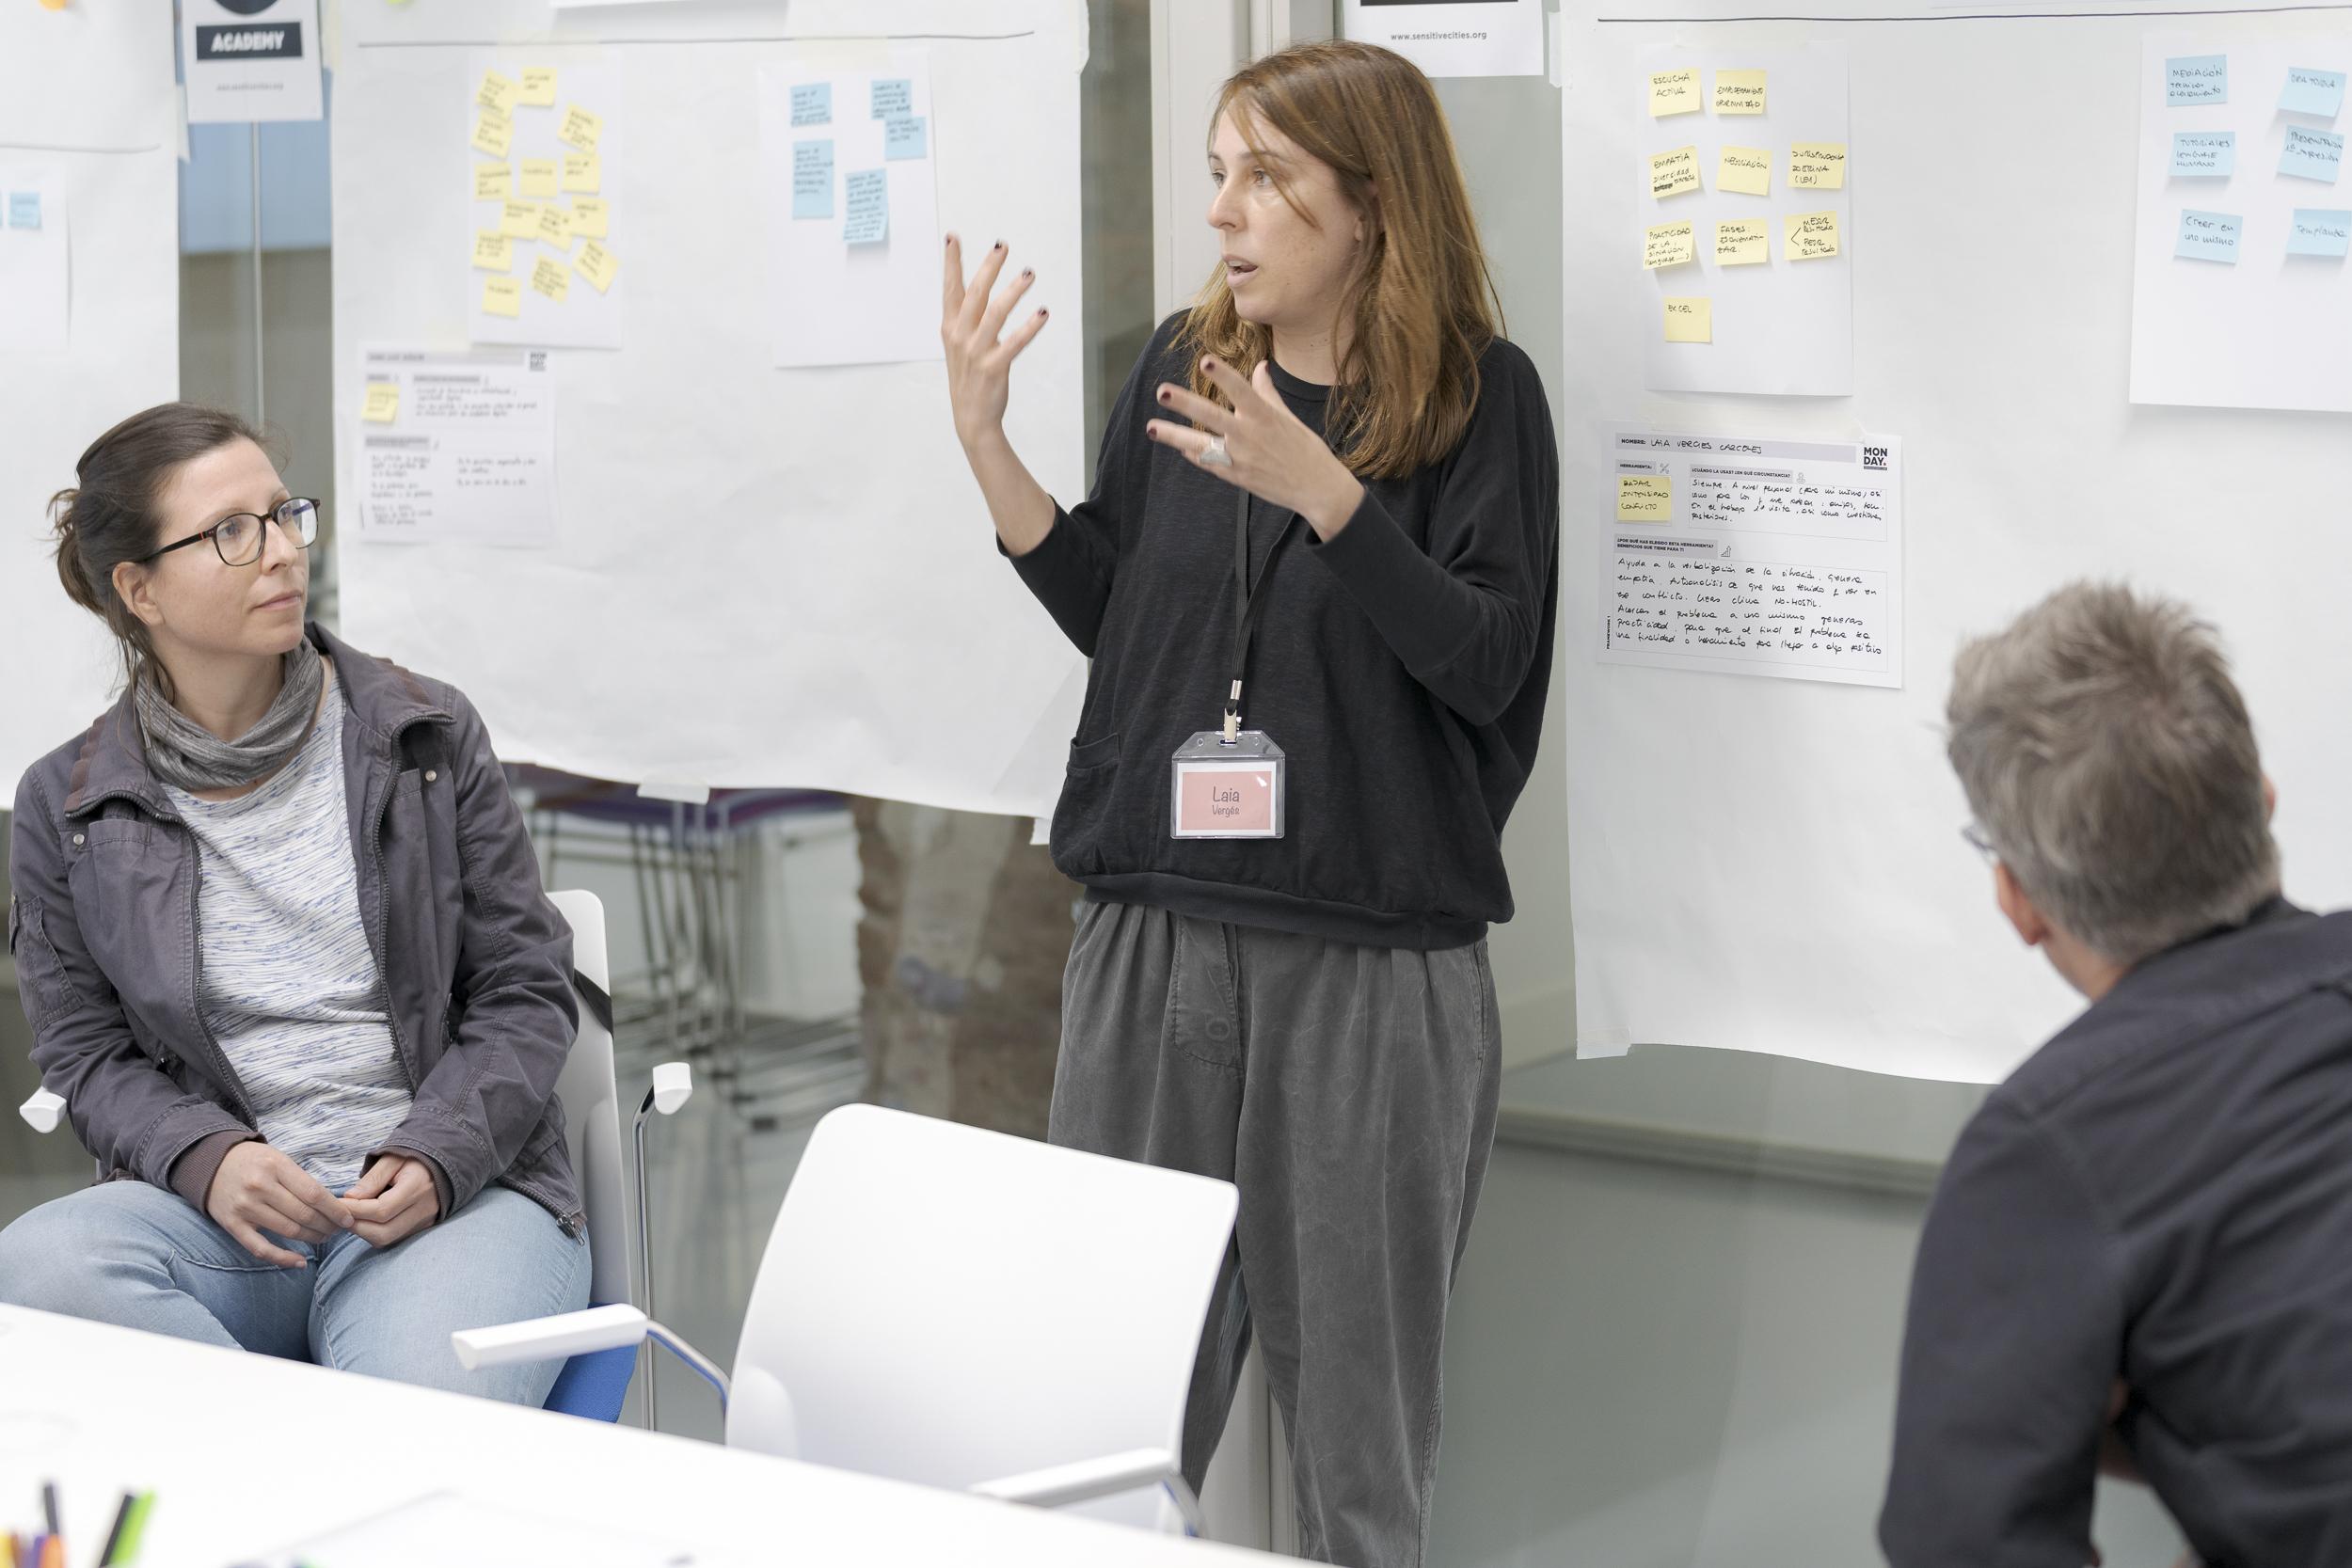 Laia Vergés _ Workshop Descubre tus Talentos _ Sensitive Cities